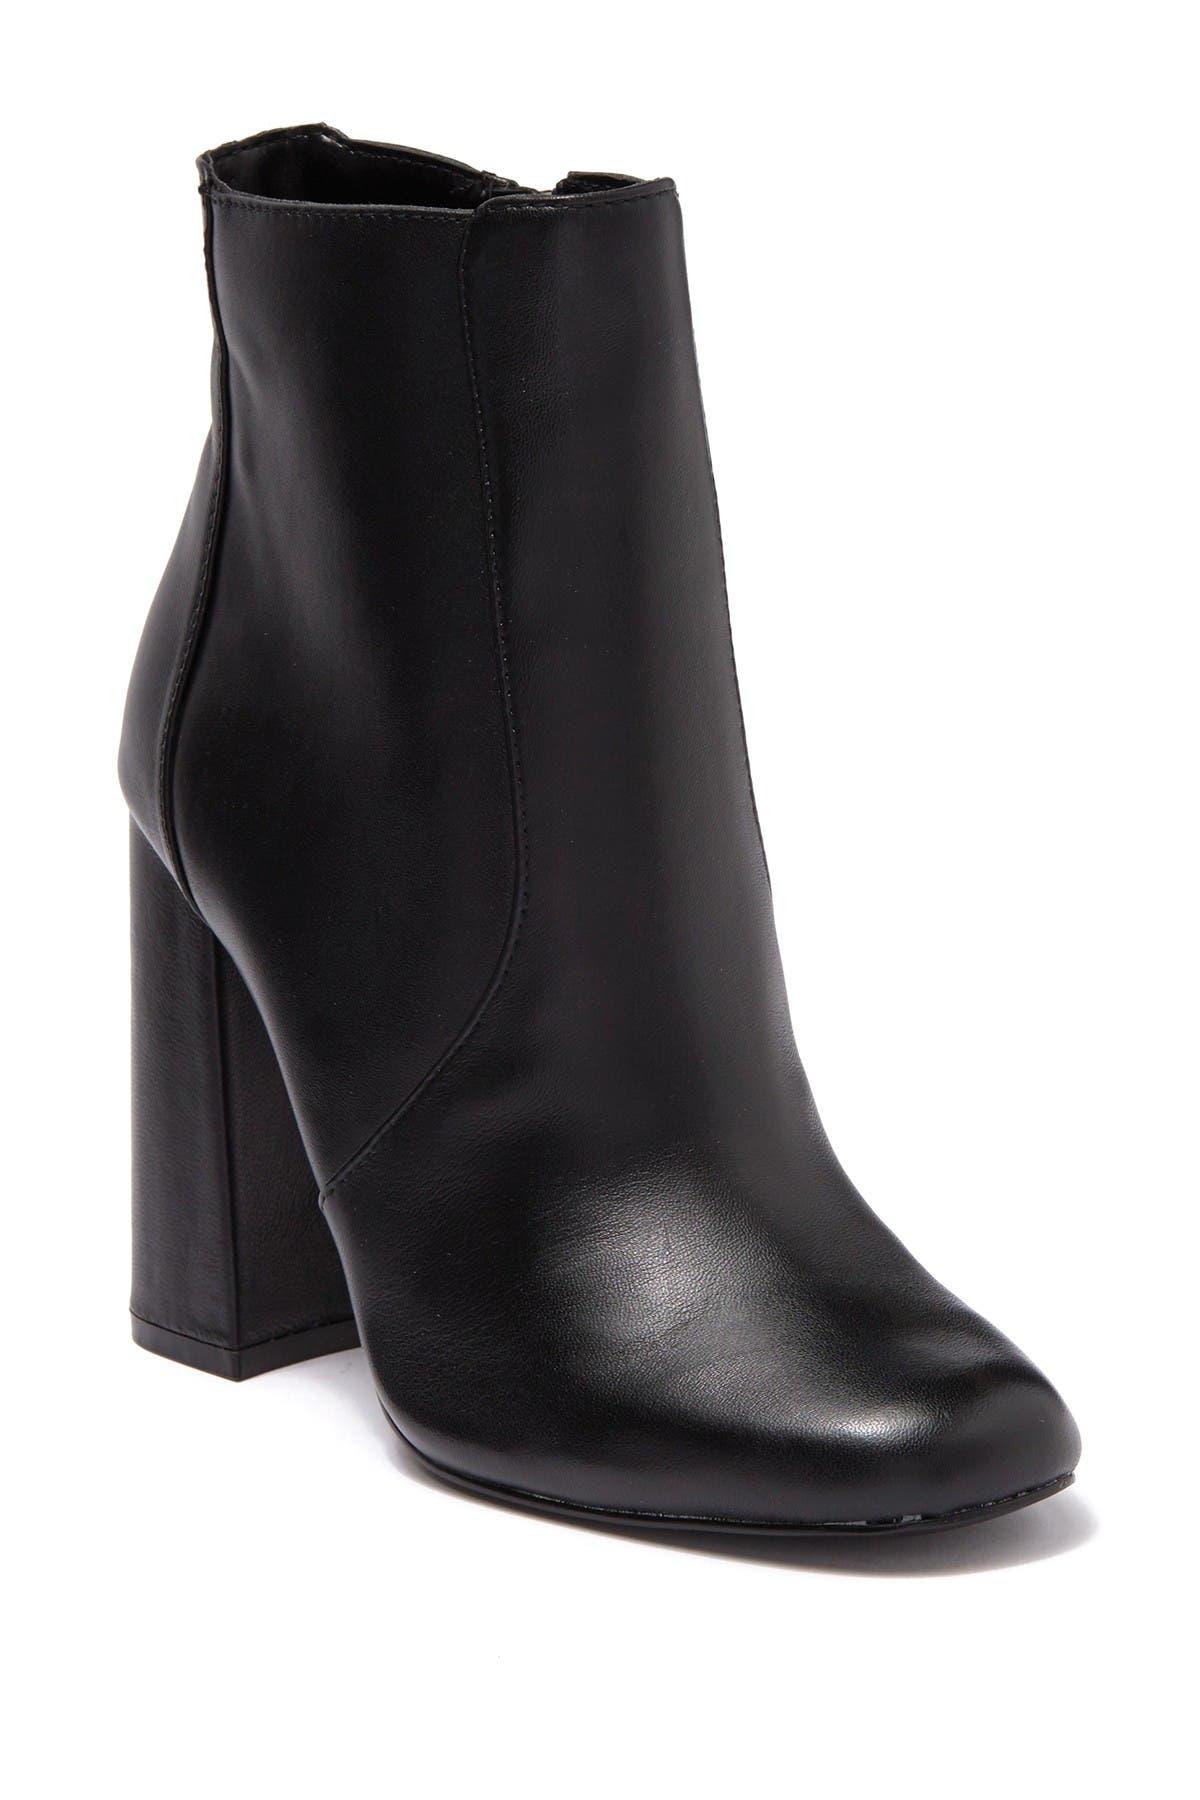 Image of Steve Madden Trix Leather Block Heel Bootie